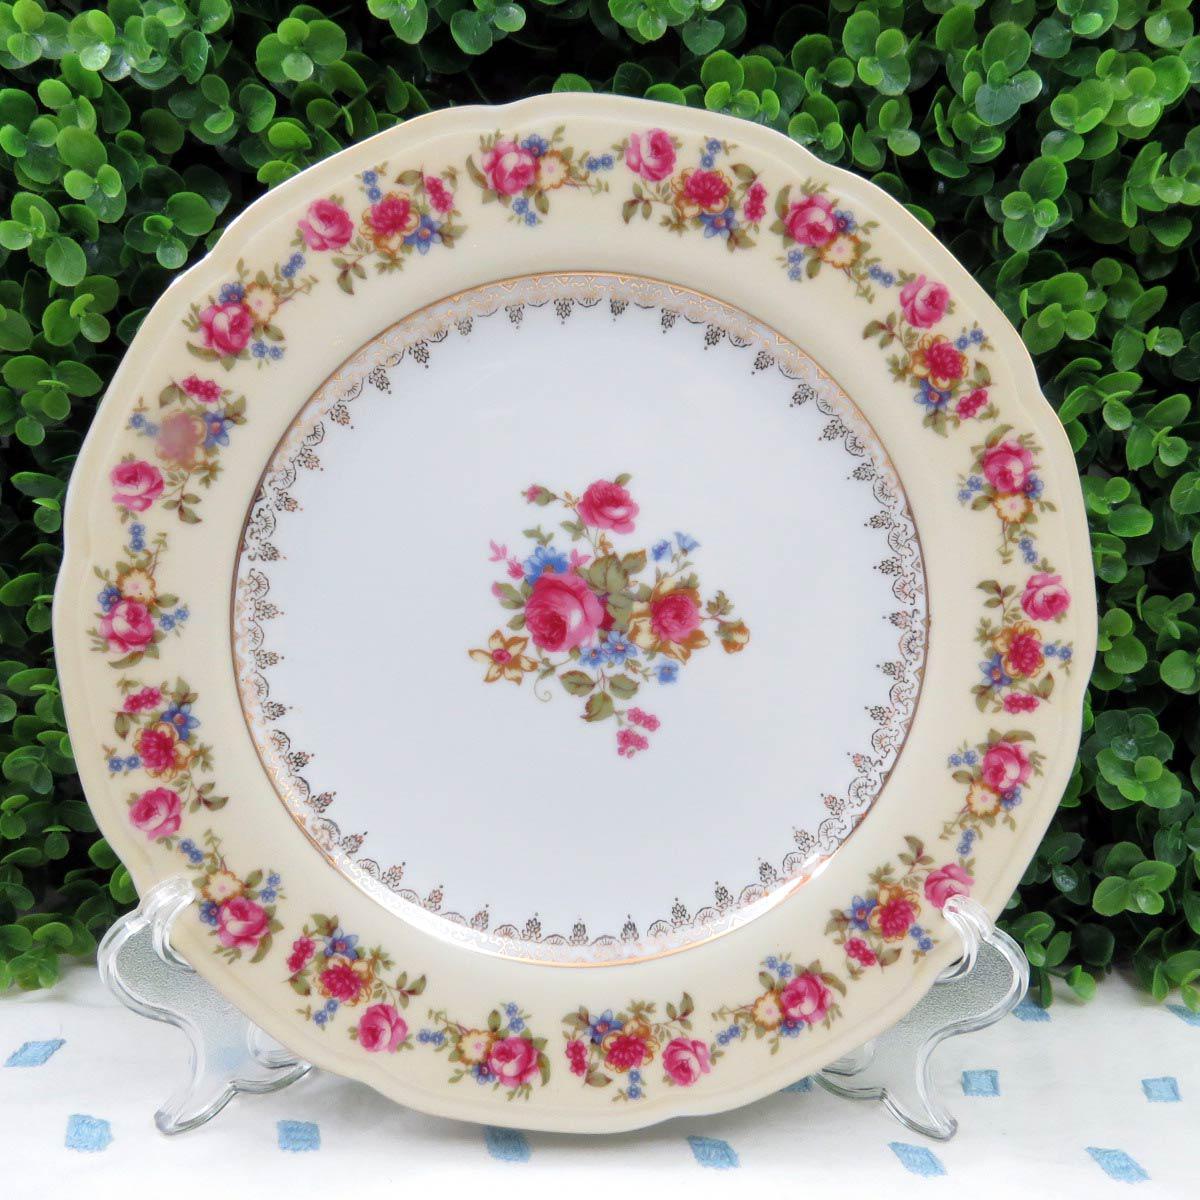 Vintage Mismatched Dinner Plates - Set of 8 - Image 4 of 11 & Vintage Mismatched Dinner Plates - Set of 8   Chairish